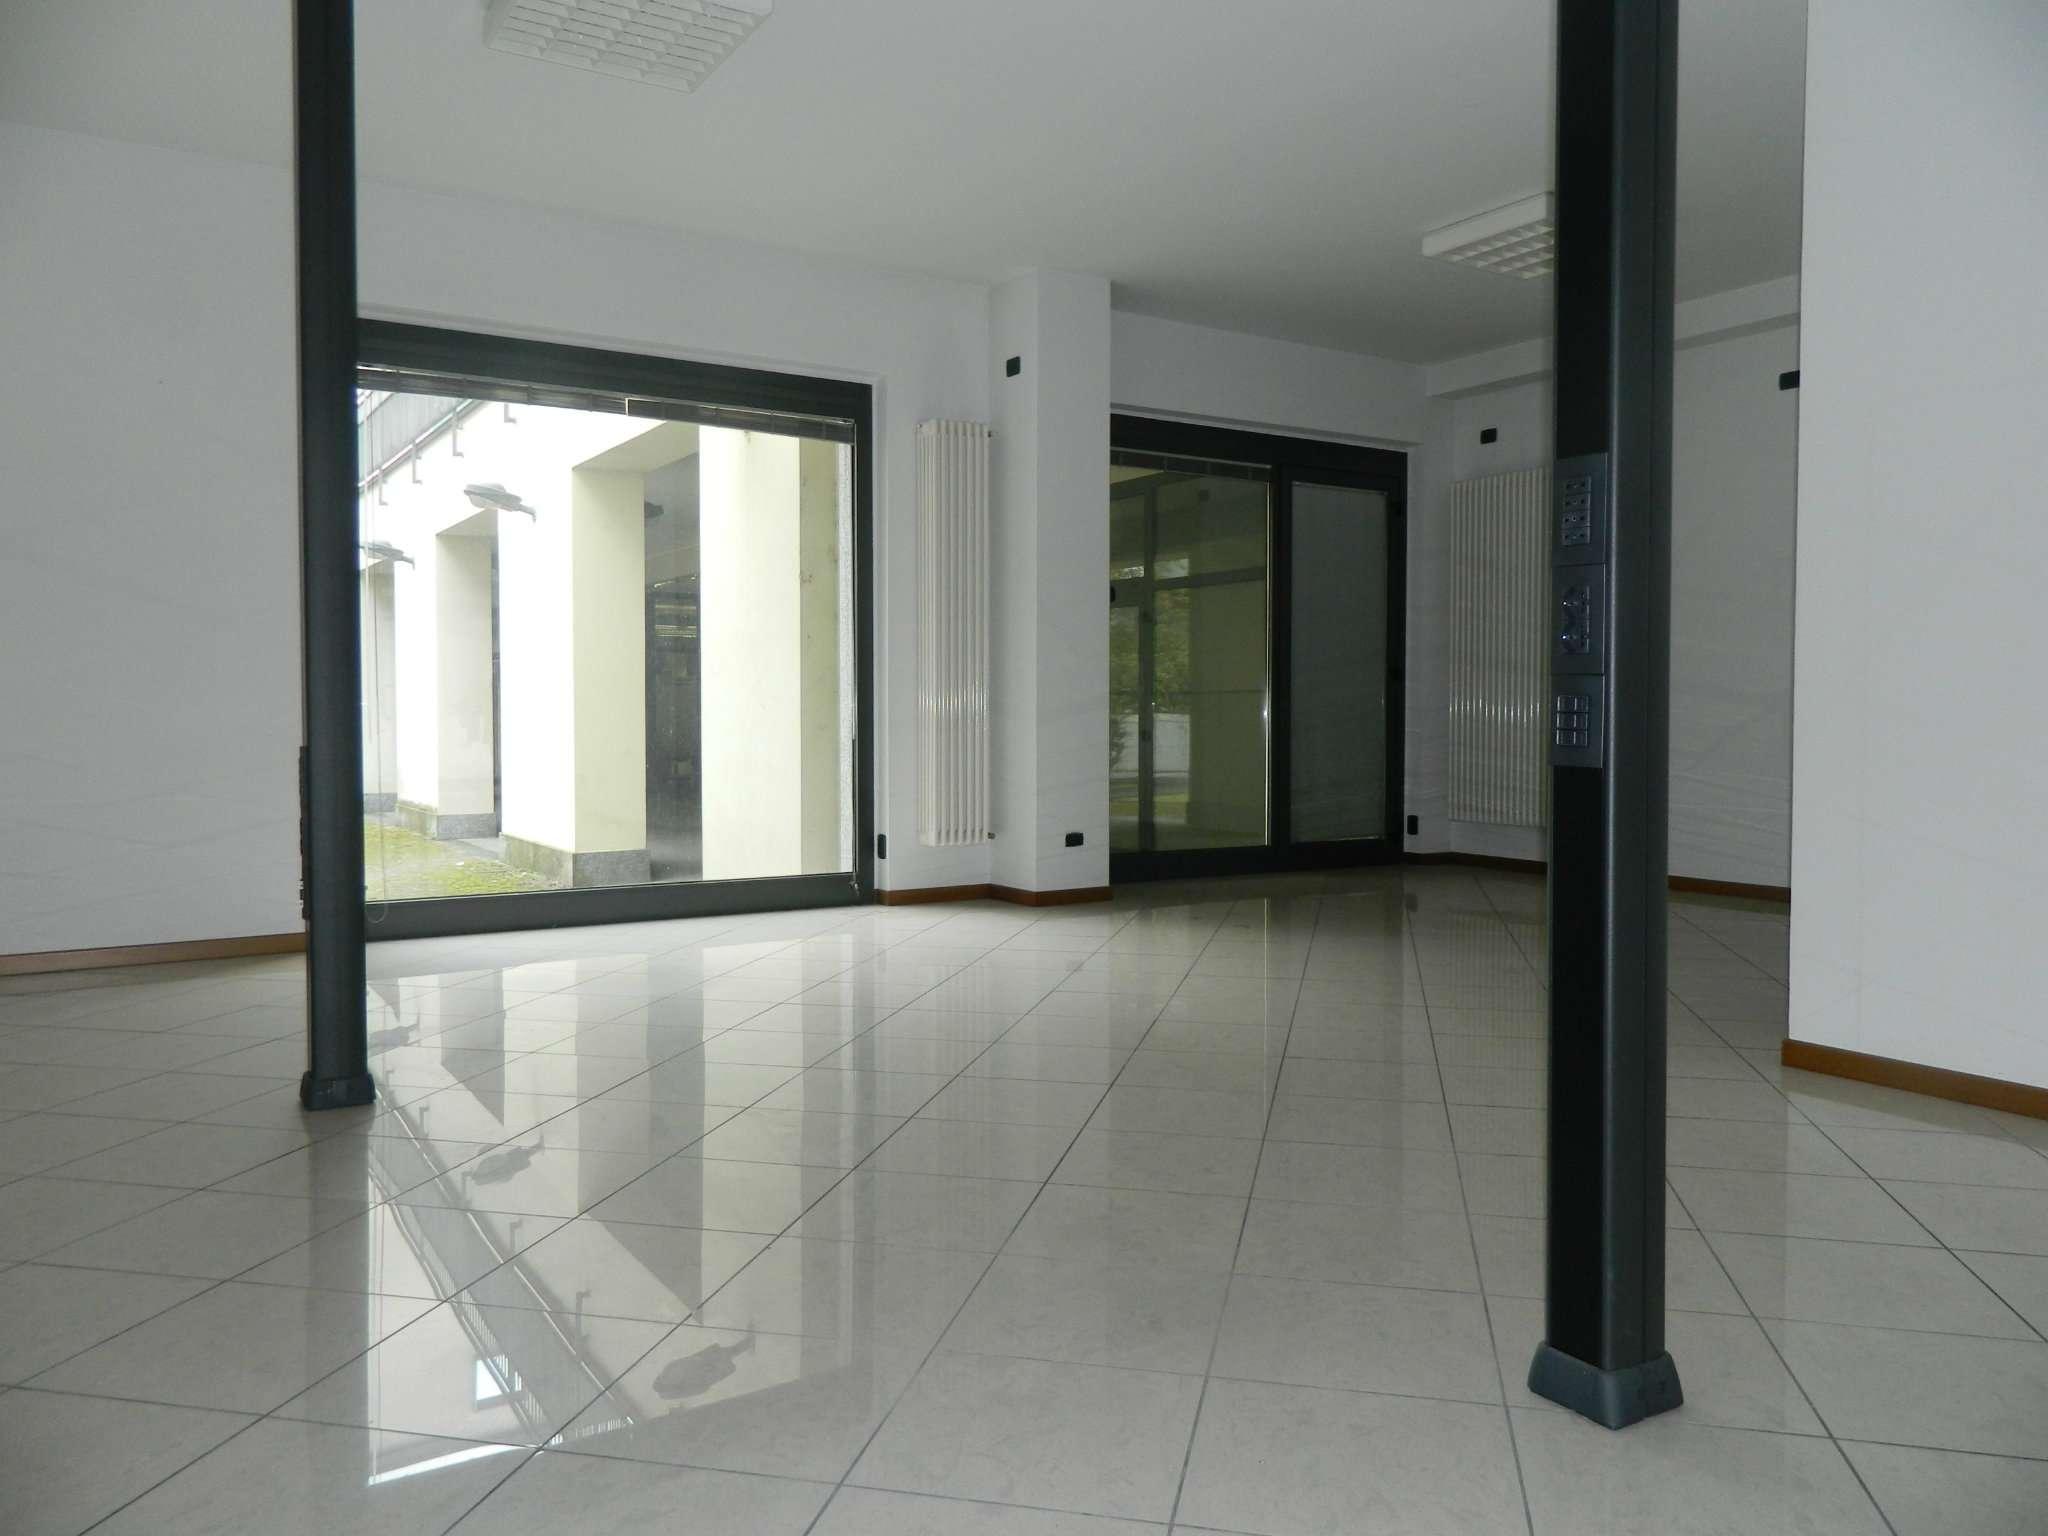 Negozio / Locale in vendita a Sondrio, 1 locali, prezzo € 155.000 | PortaleAgenzieImmobiliari.it